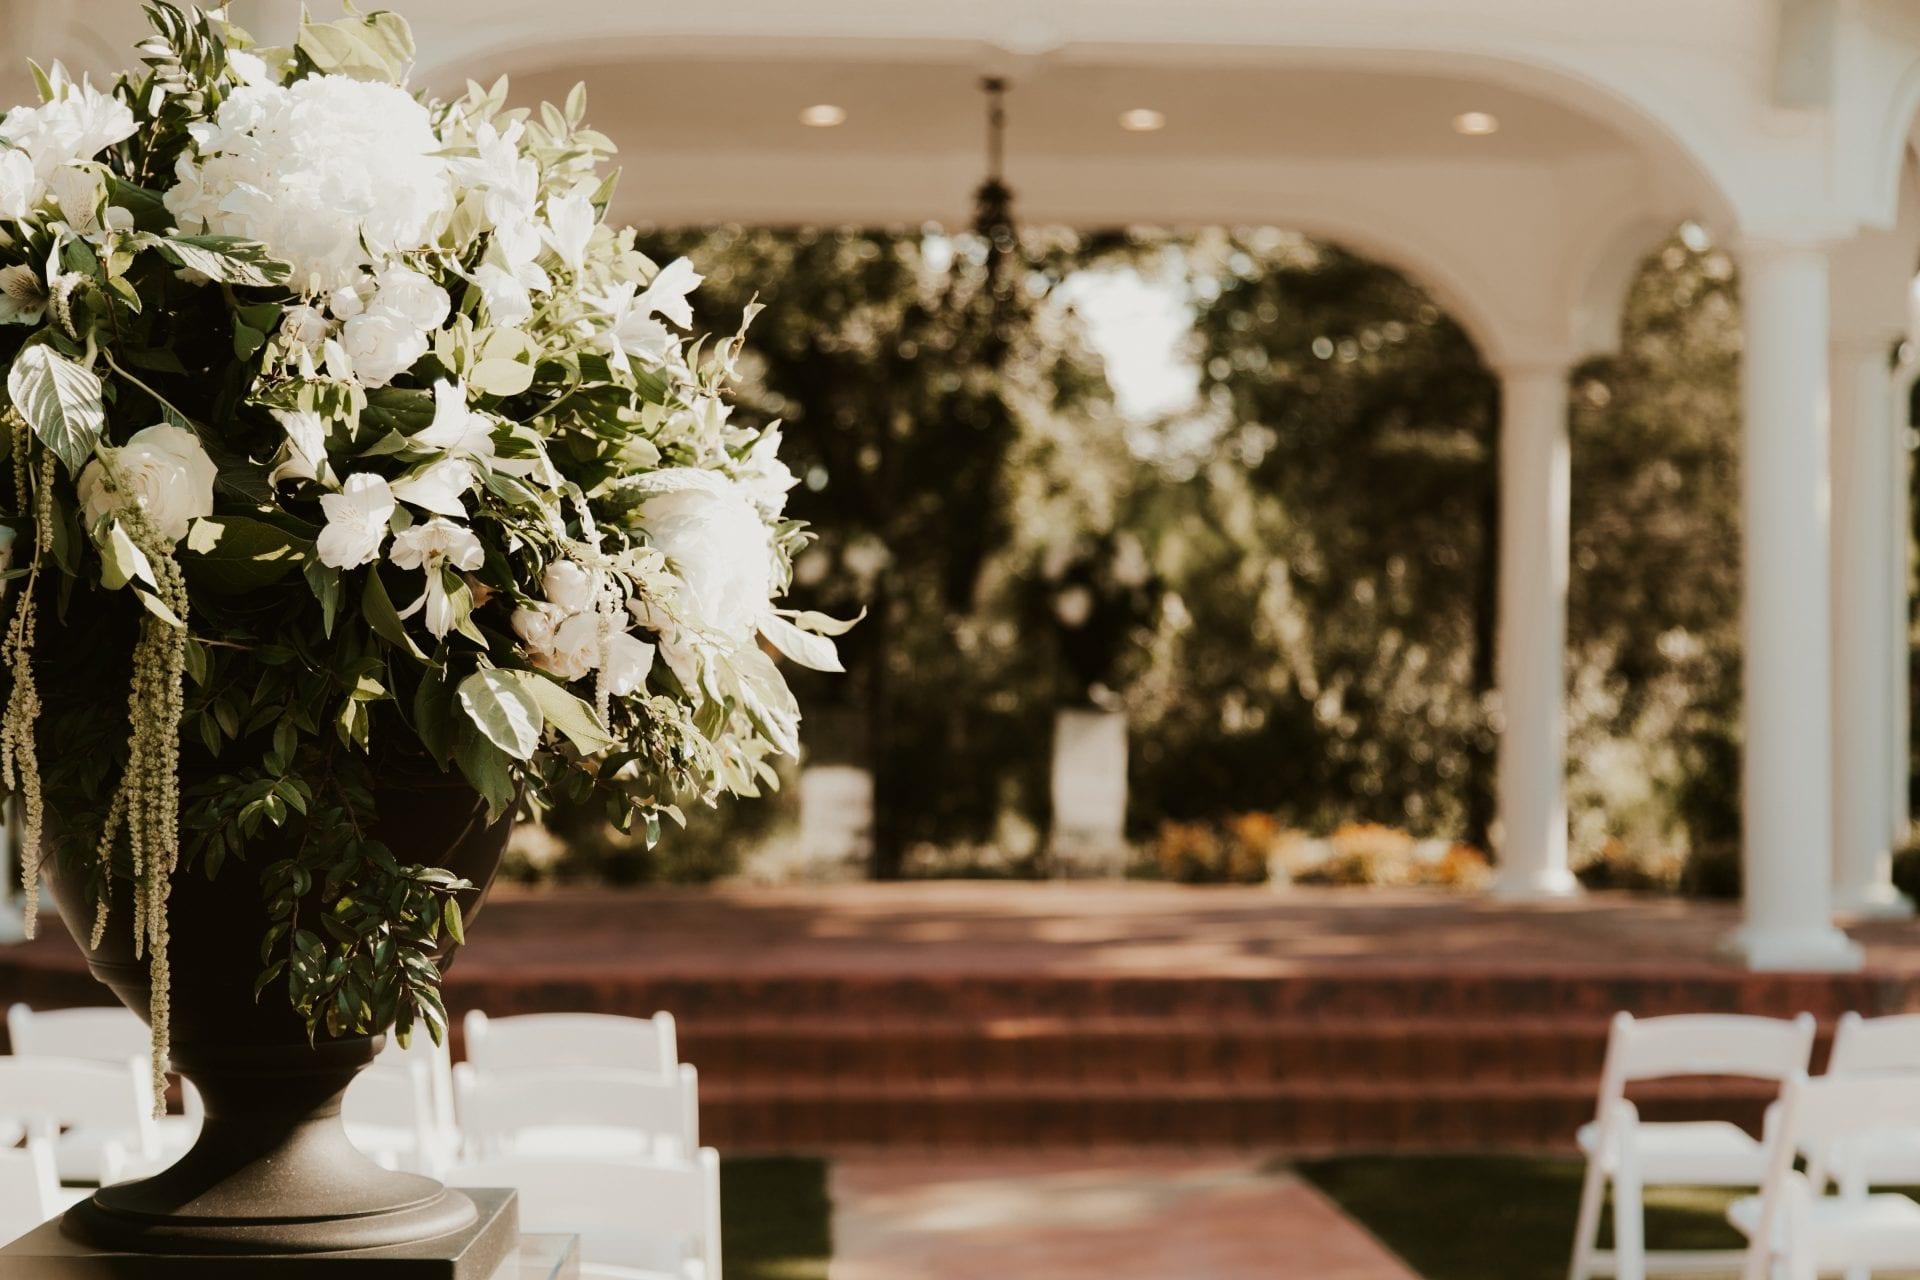 tsphoto cabell wedding 164 - Premier W.E.D.